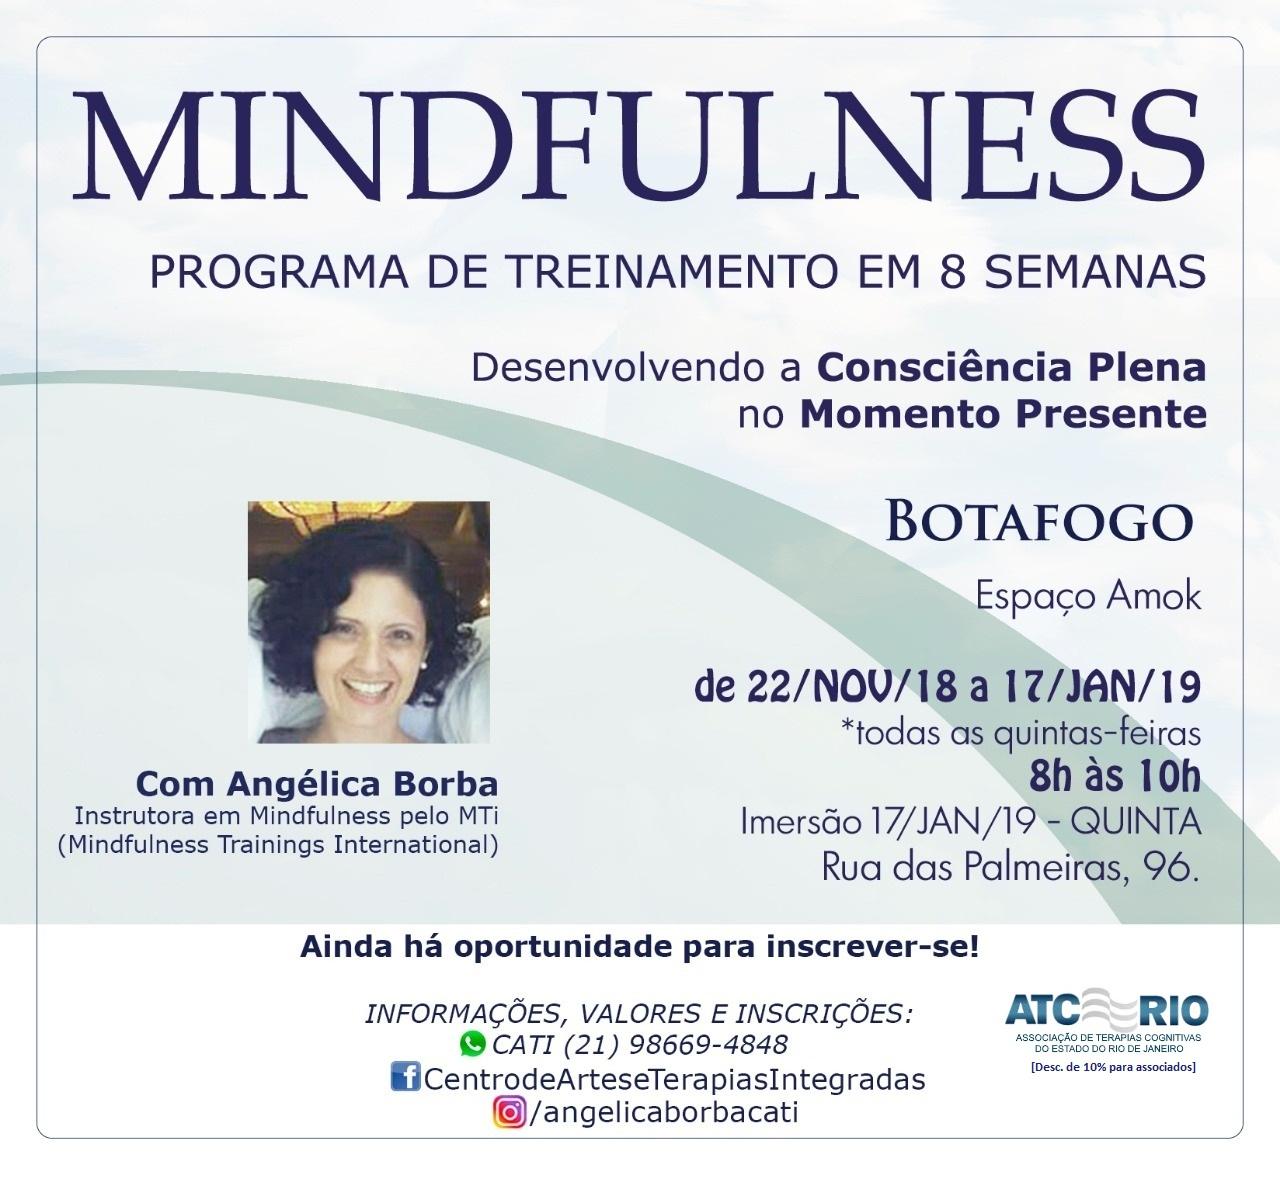 Mindfulness: Programa de Treinamento   8 semanas